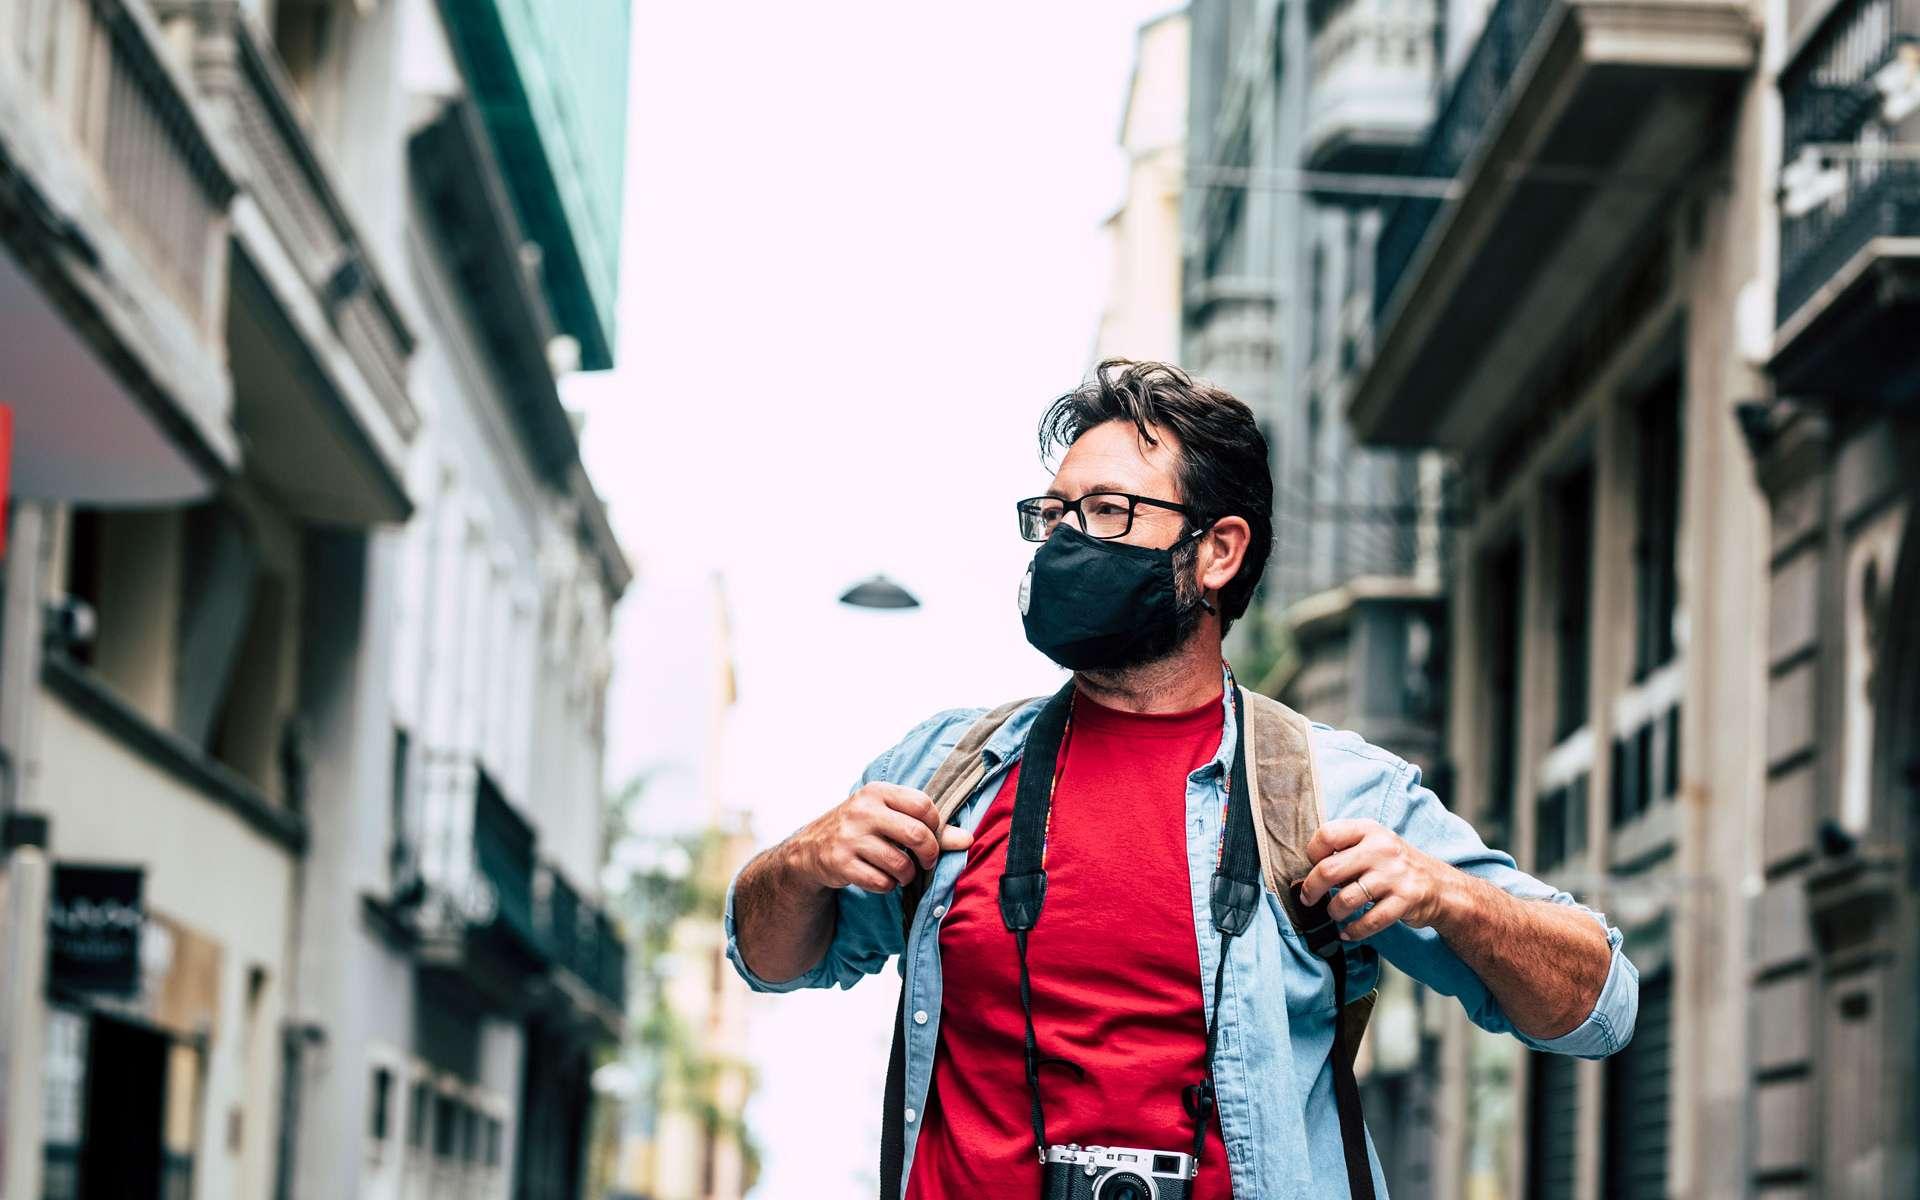 Un touriste visite une ville pendant l'épidémie de la Covid-19. ©simonapilolla, Envato elements